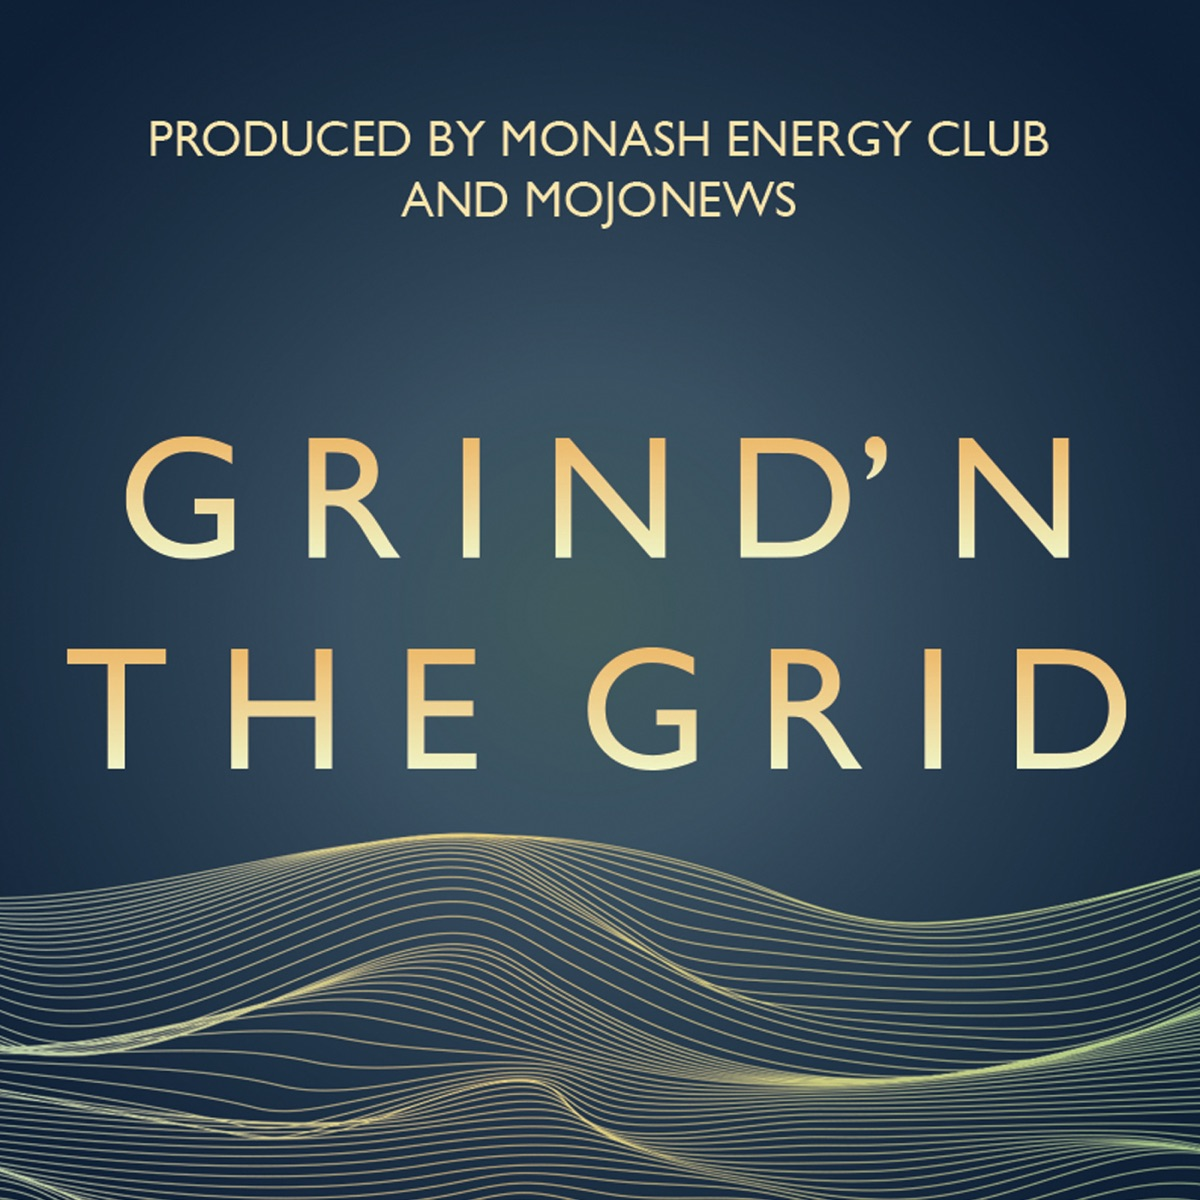 Grind'n the Grid